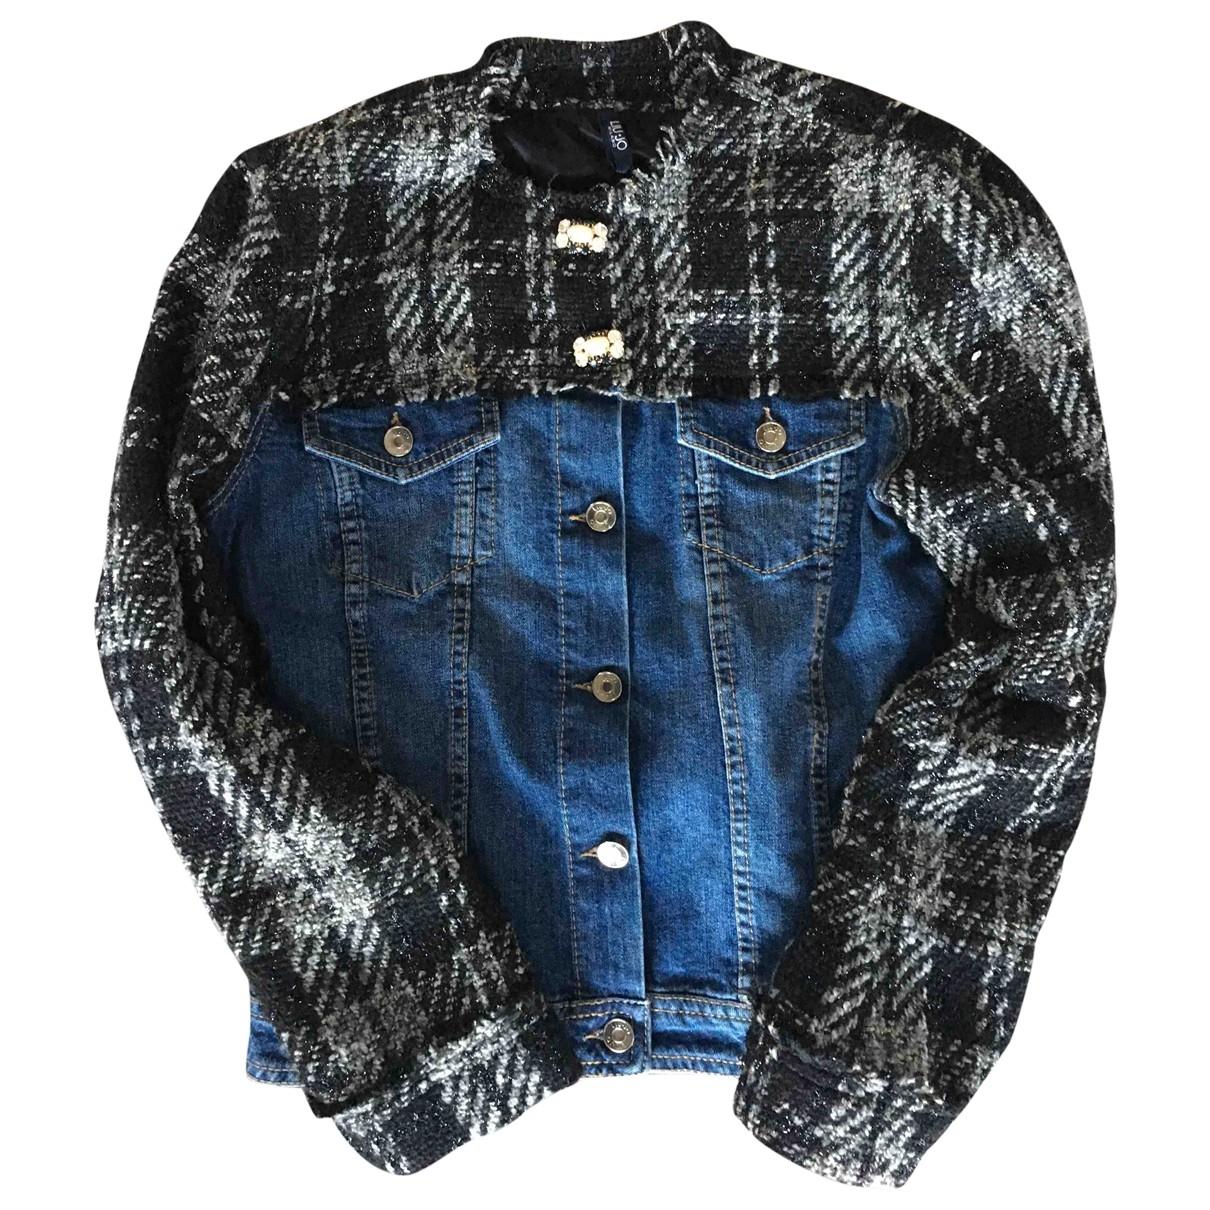 Liu.jo \N Blue Denim - Jeans jacket for Women M International